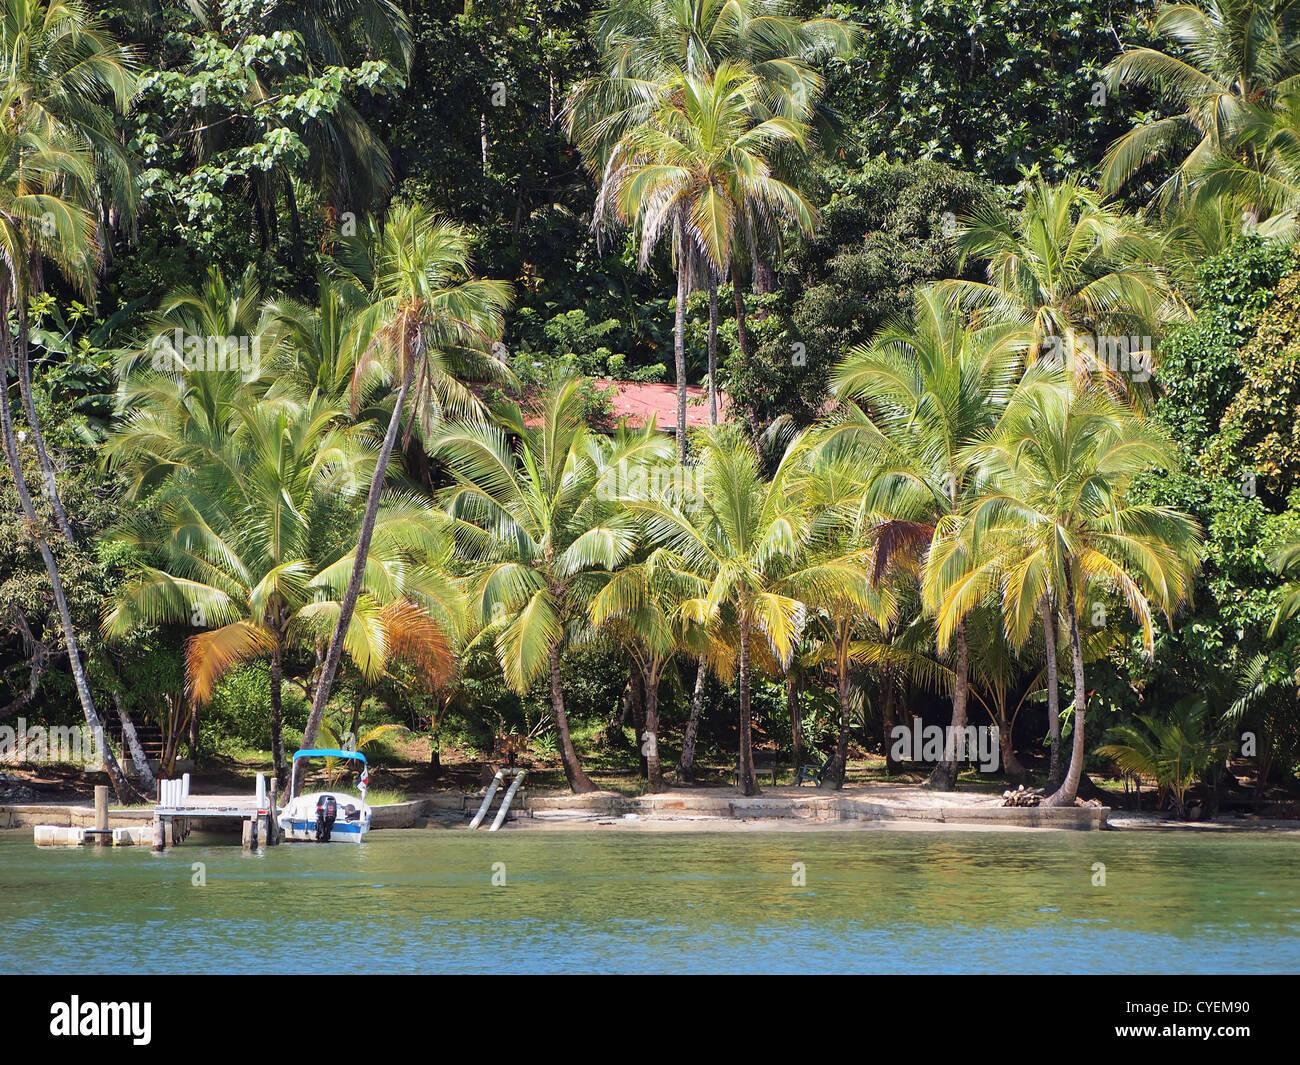 Privatstrand mit üppiger Vegetation auf einer Insel in der Karibik Stockbild